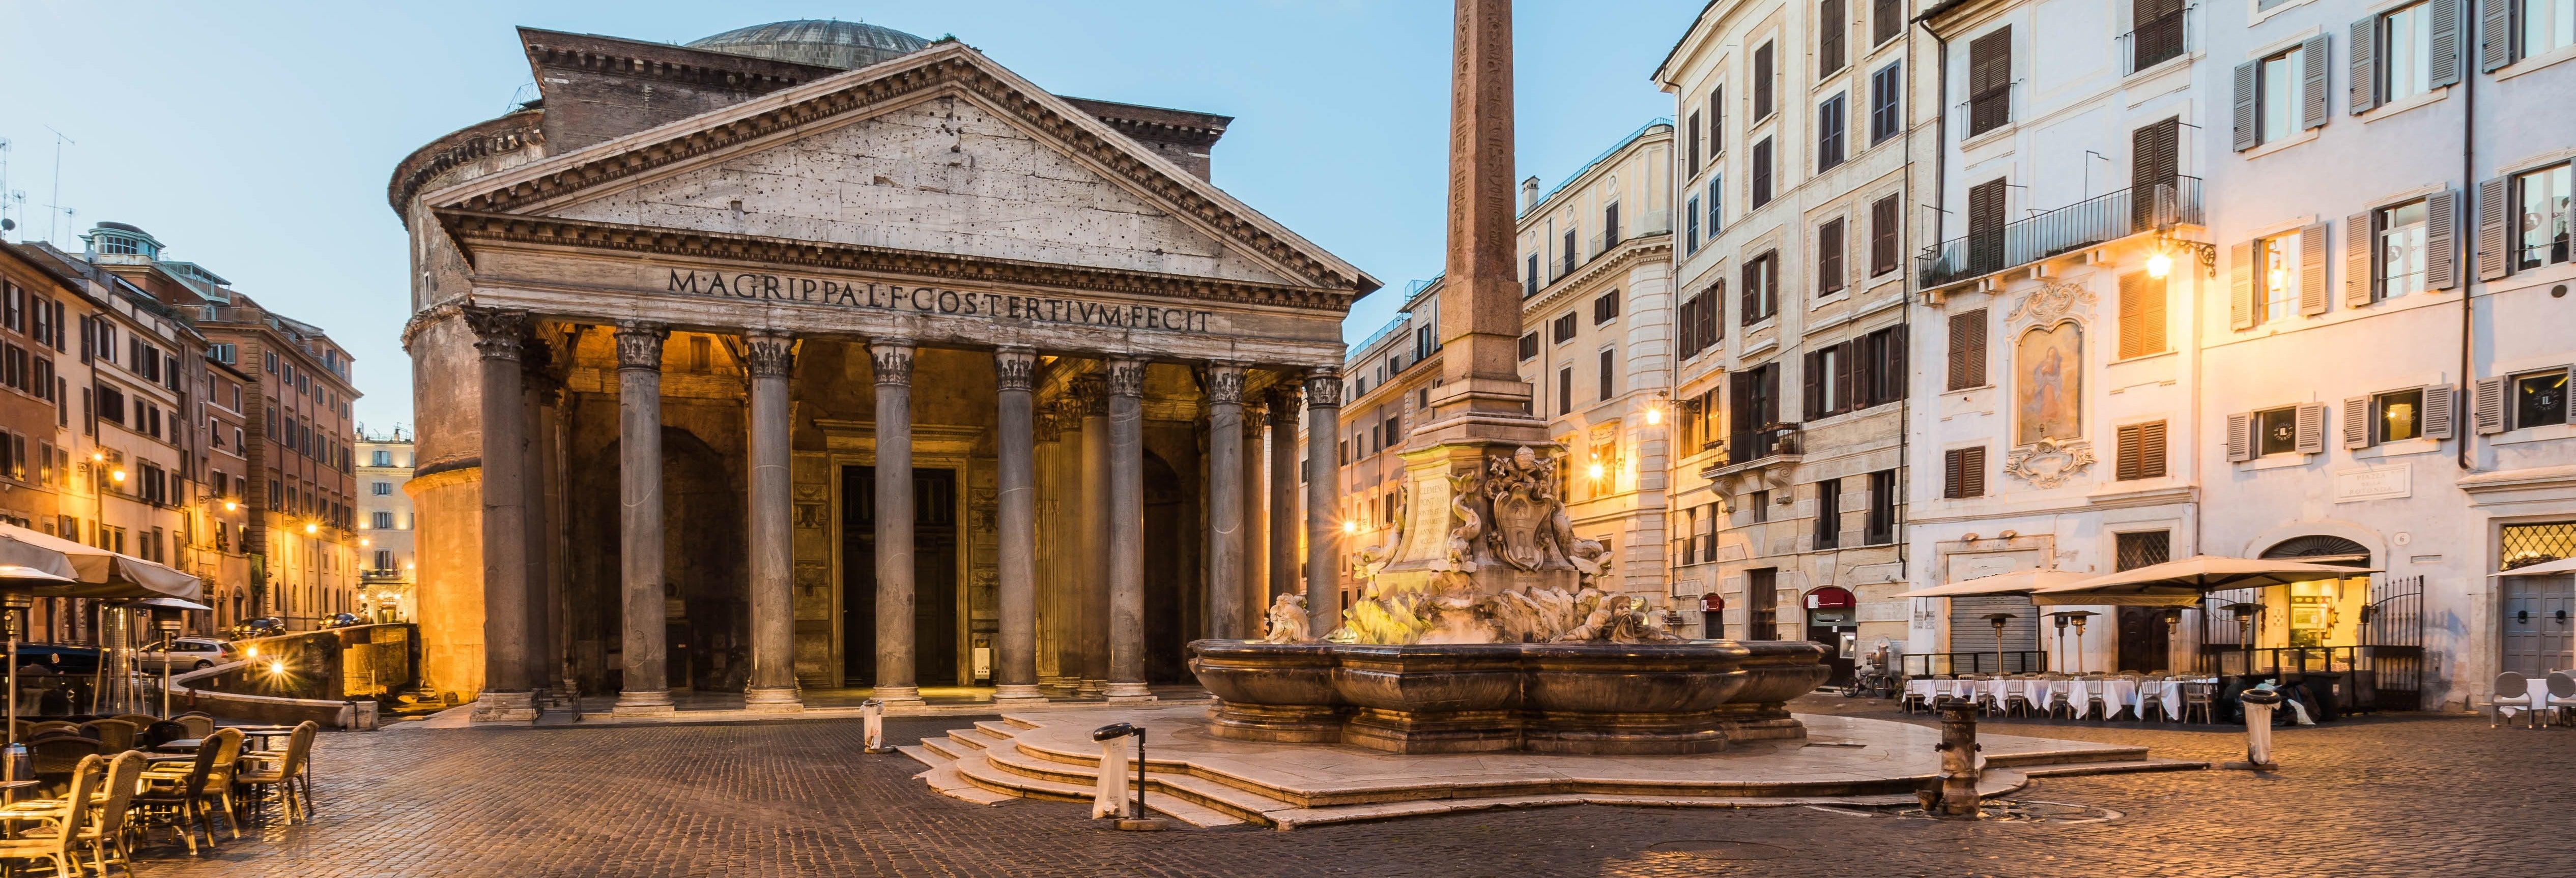 Visita guiada por el Panteón de Agripa